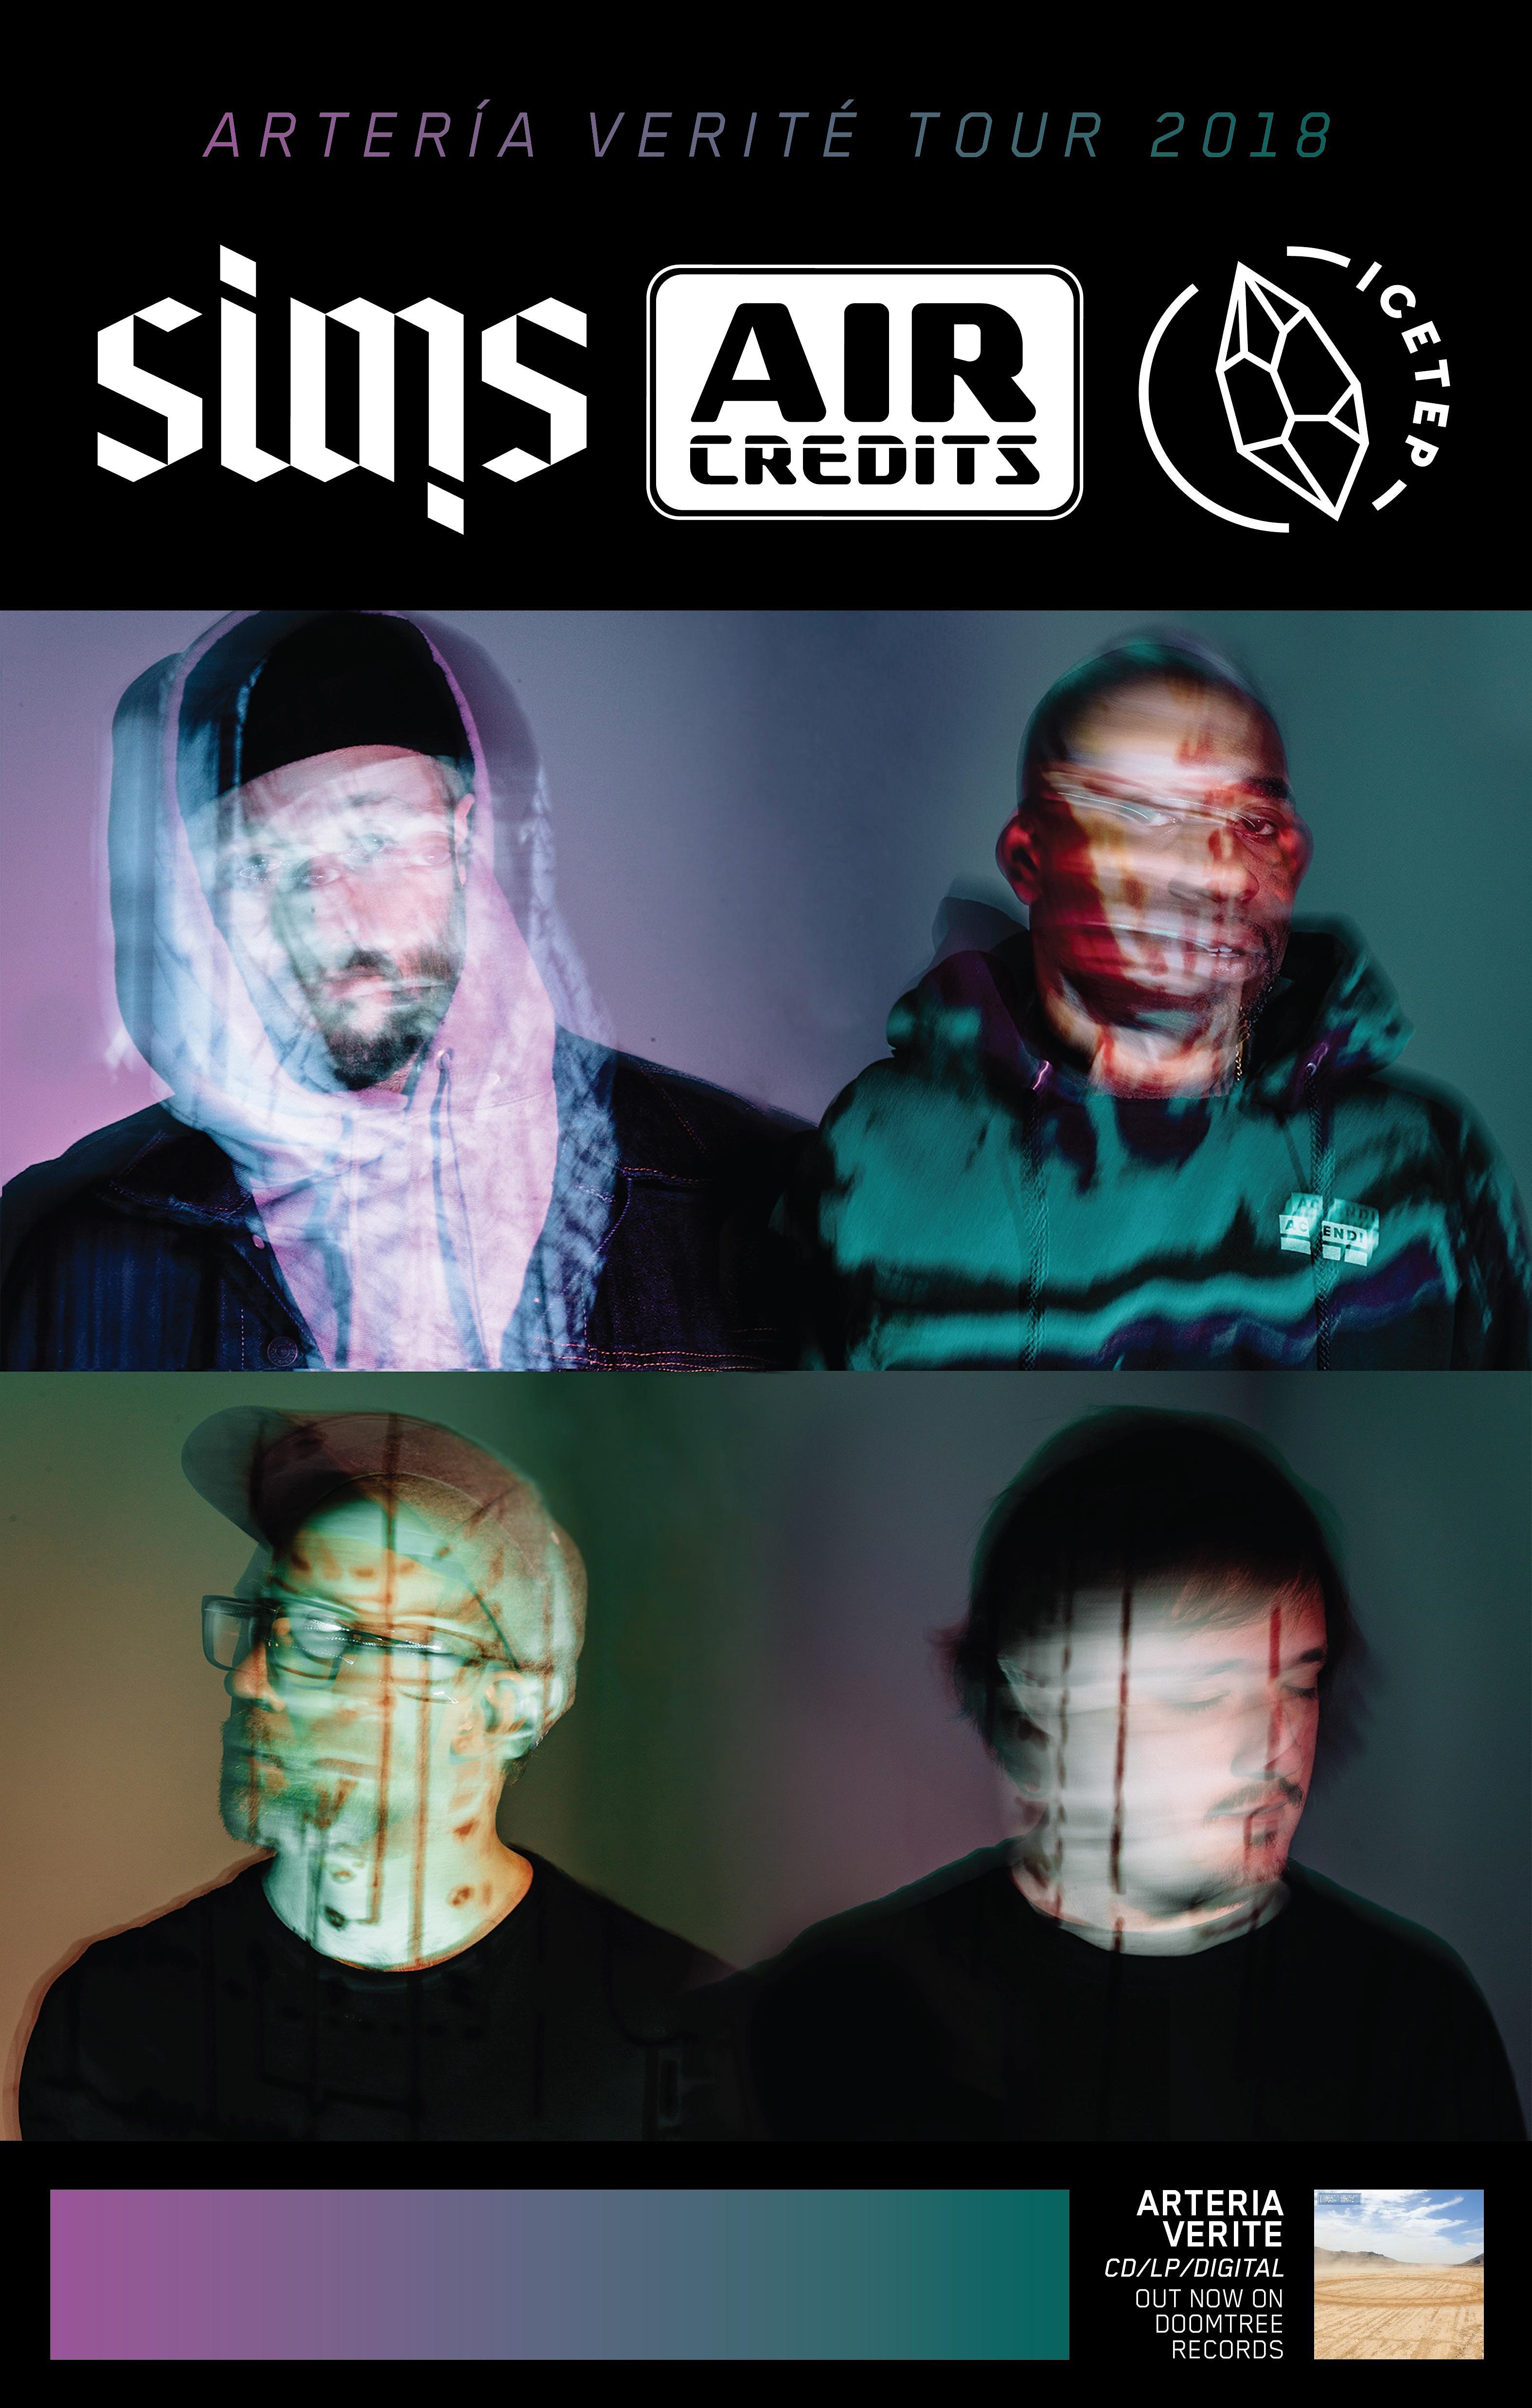 Air Credits / Sims / Serengeti